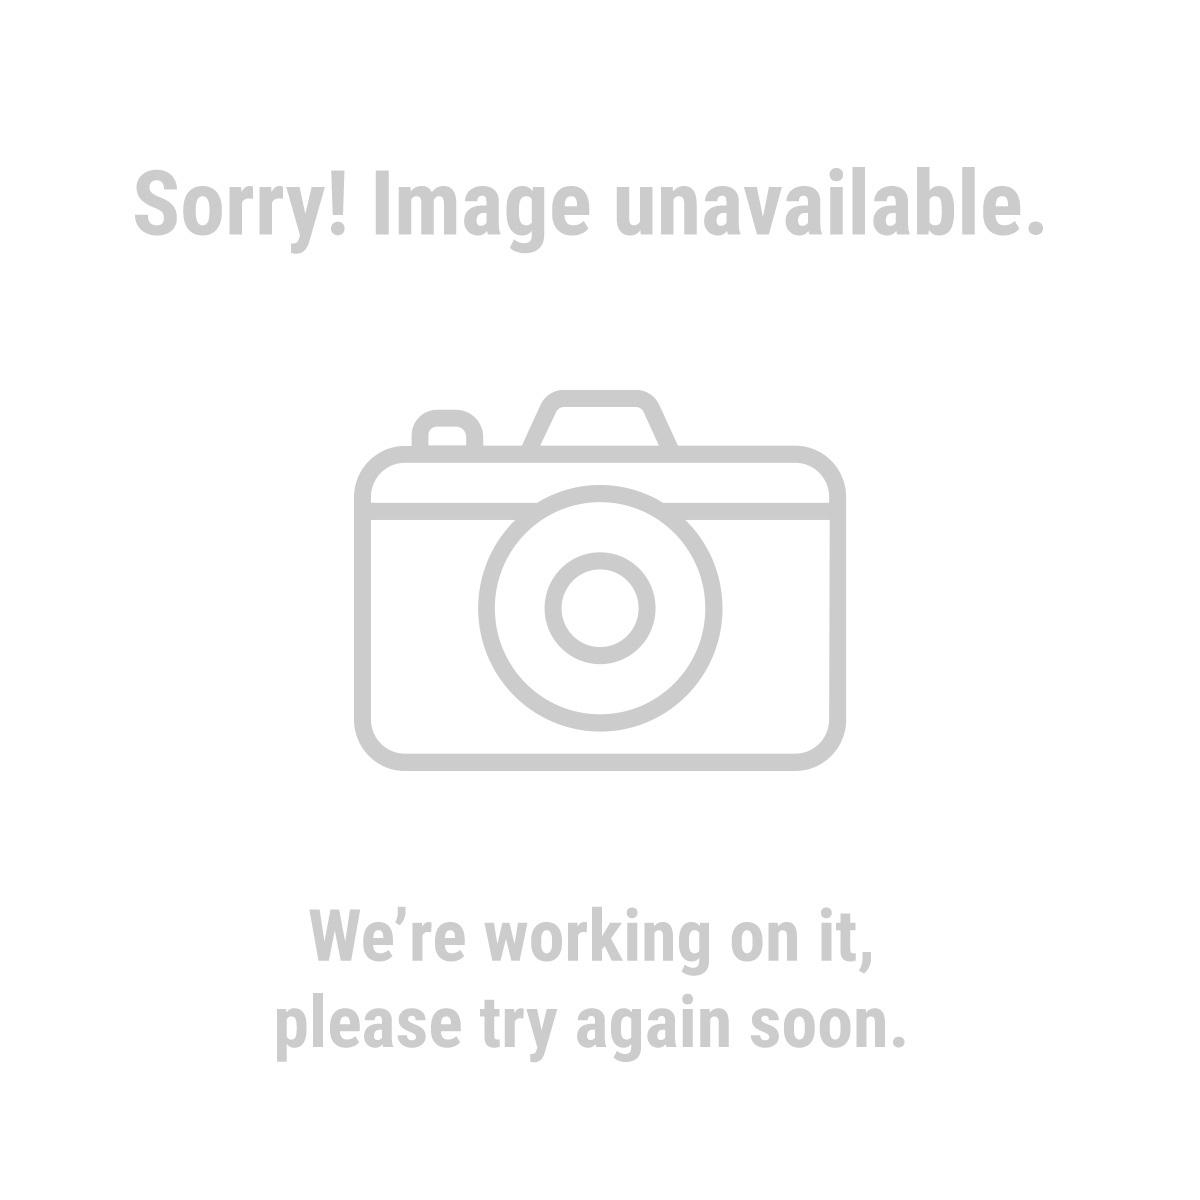 Led Worklight Bulb